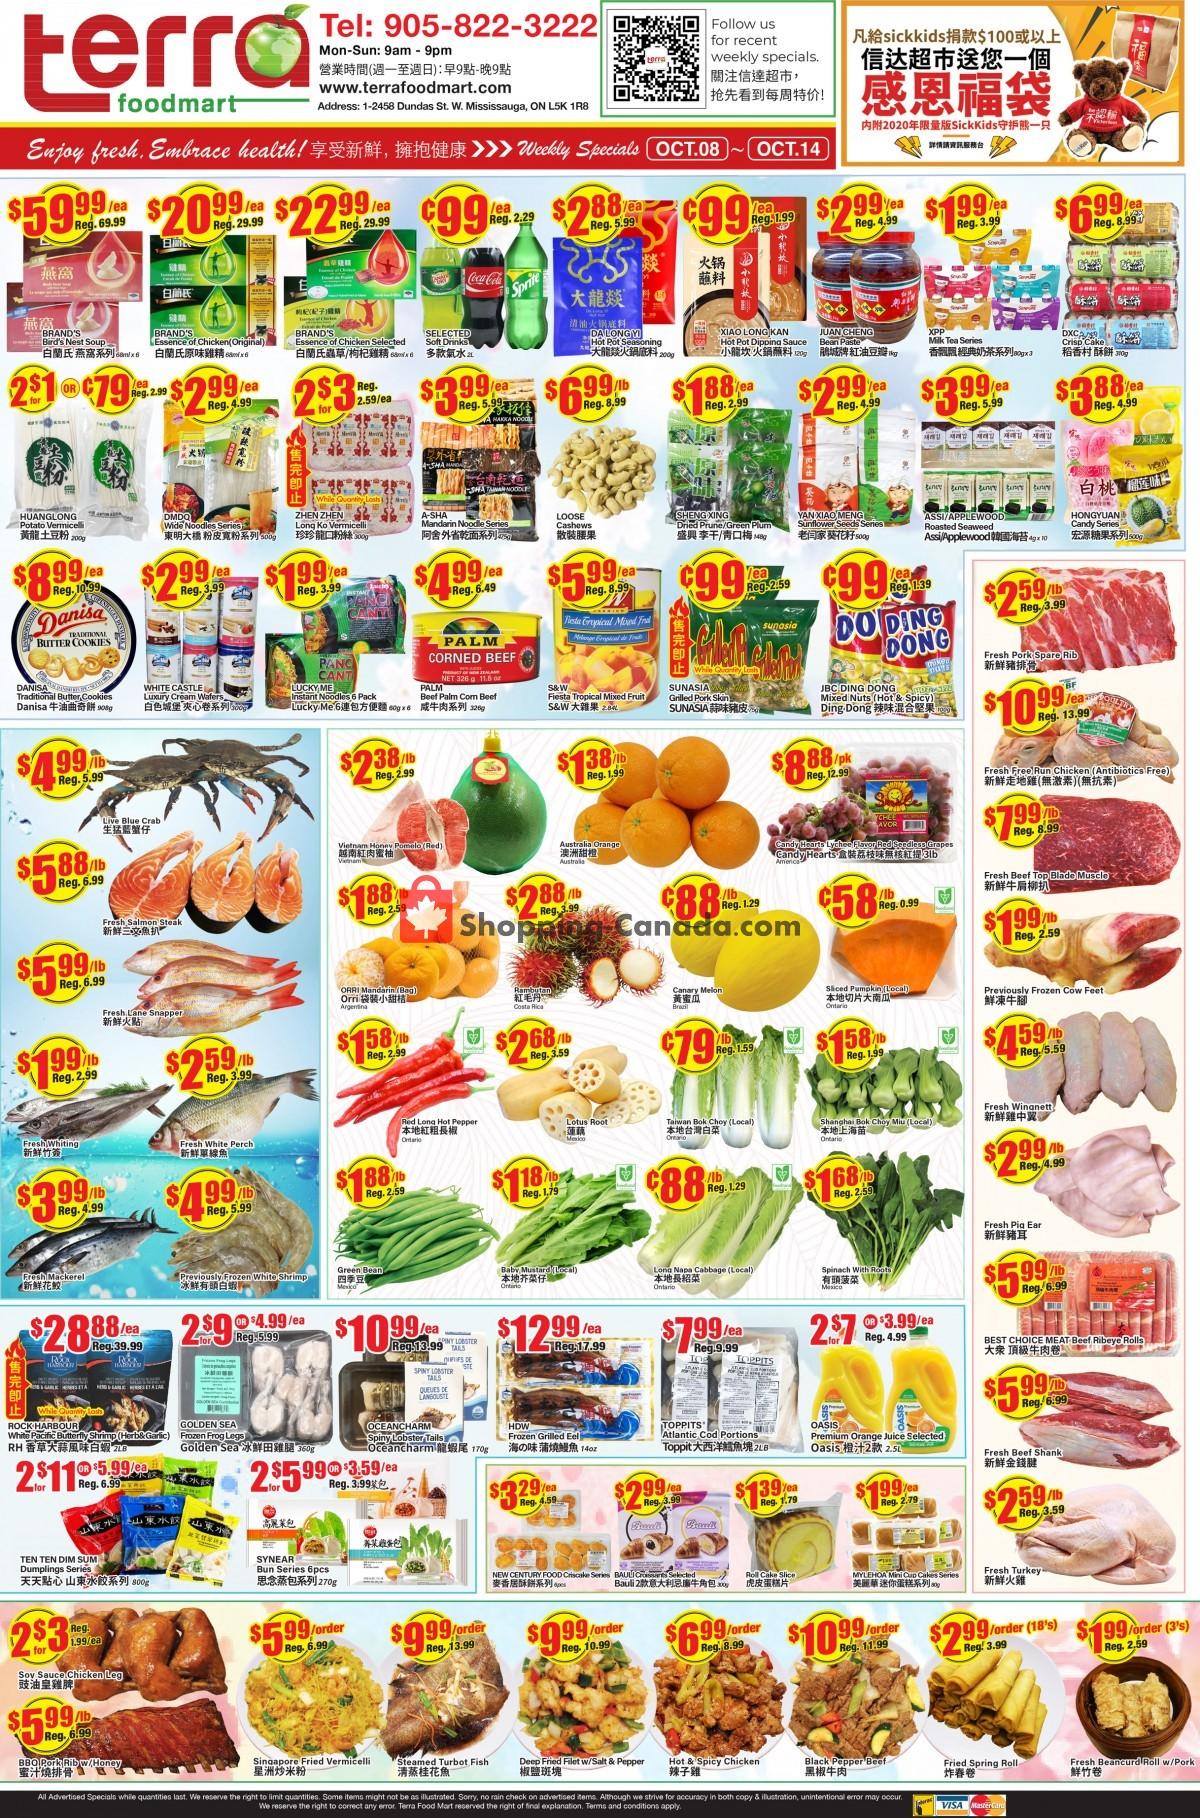 Flyer Terra Foodmart Canada - from Friday October 8, 2021 to Thursday October 14, 2021